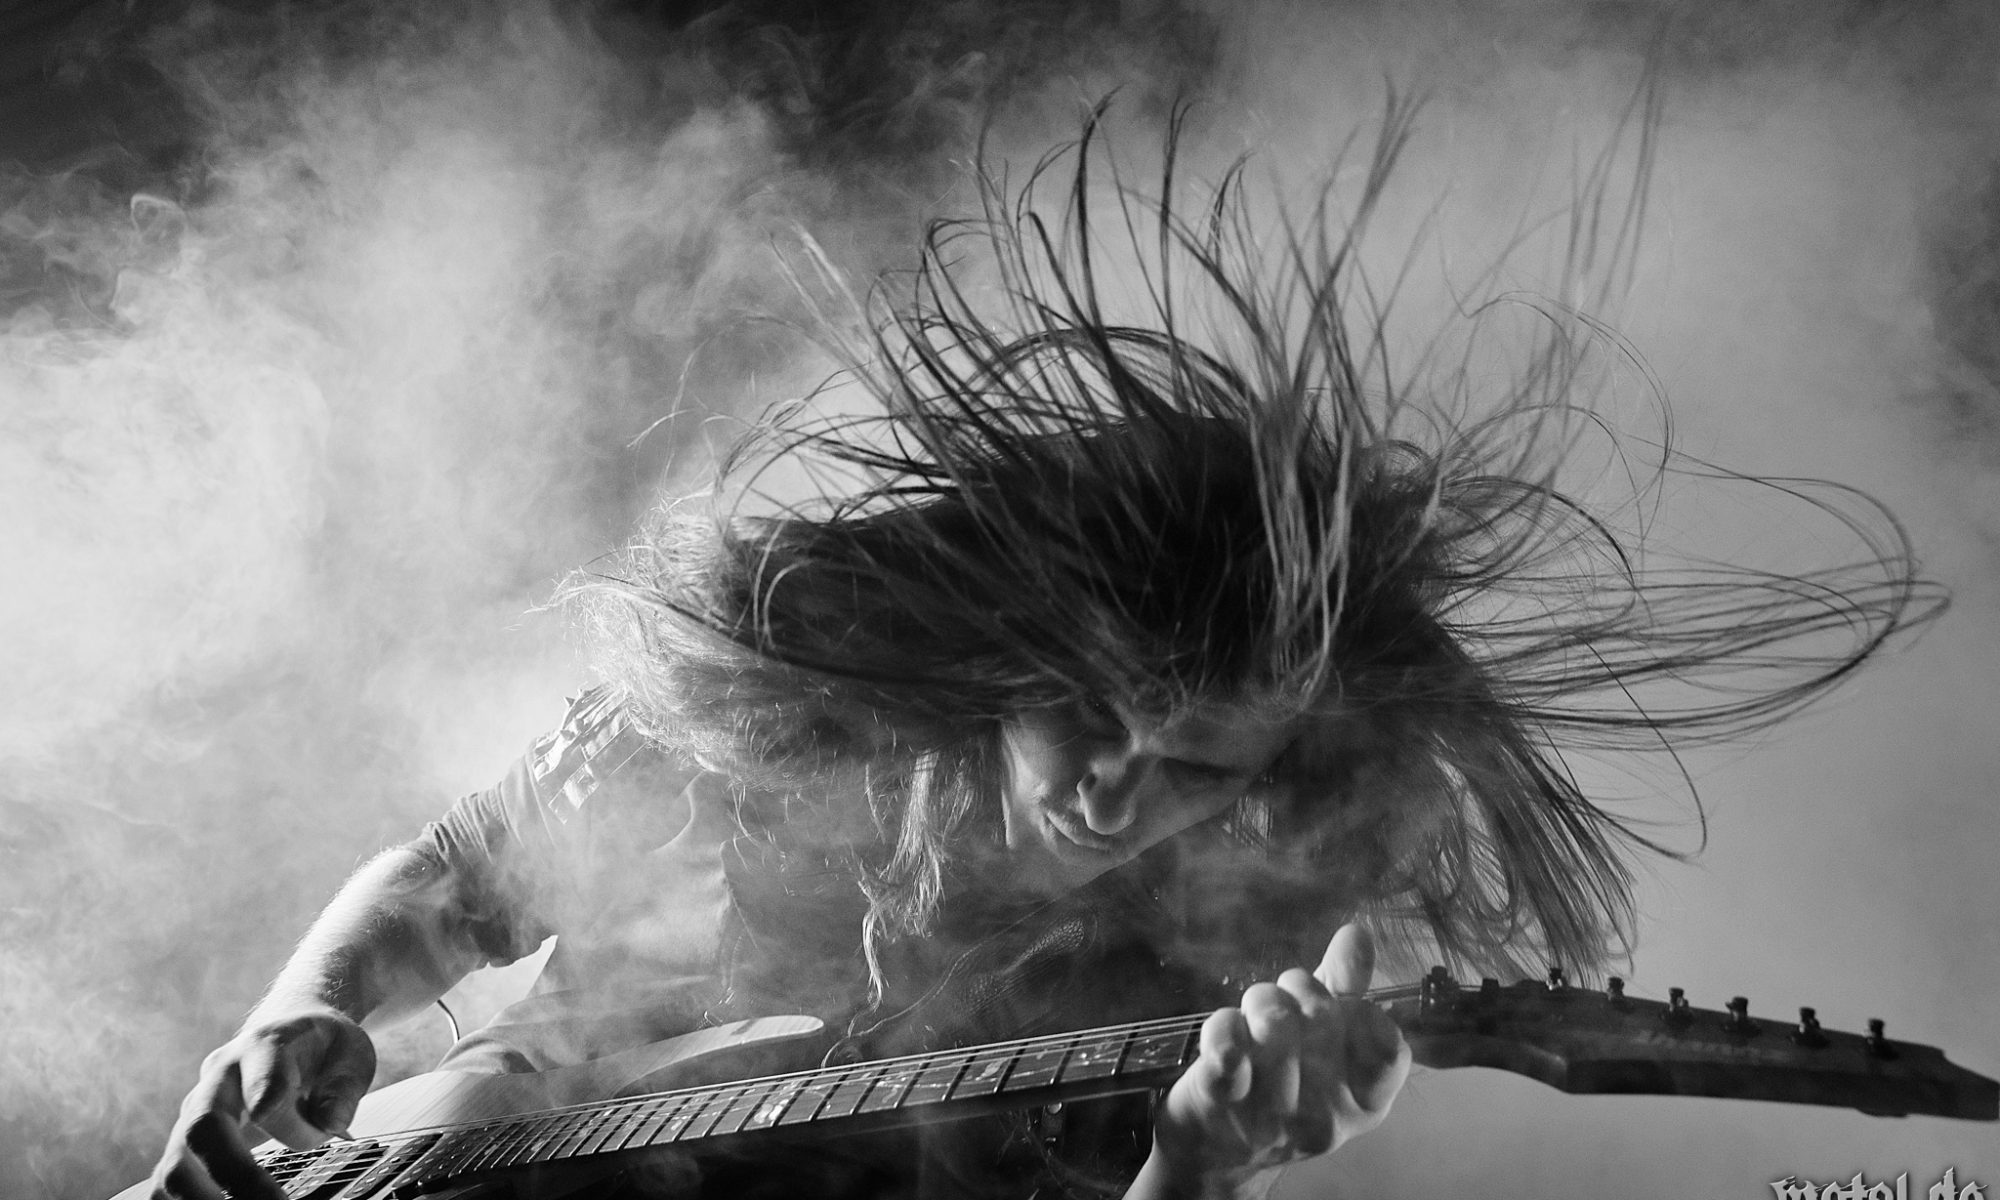 Konzertfoto von Battle Beast - European Tour 2019